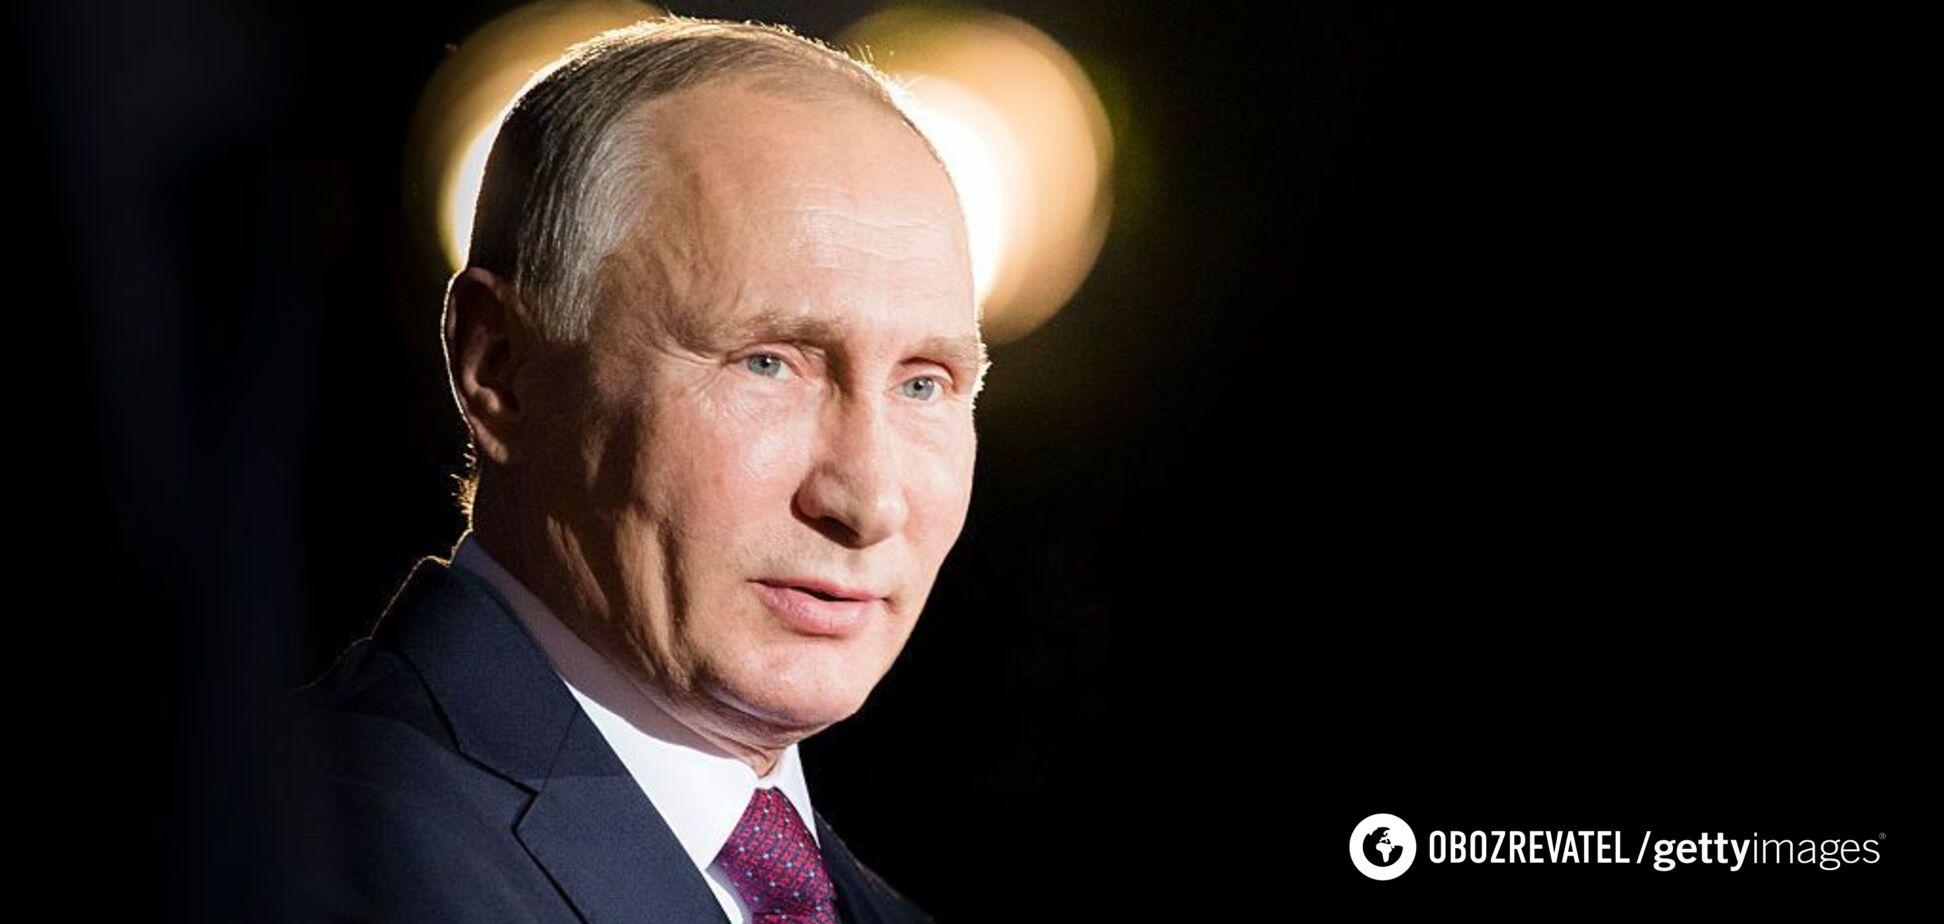 ''Гипнотизировал людей'': всплыли детали из прошлого Путина